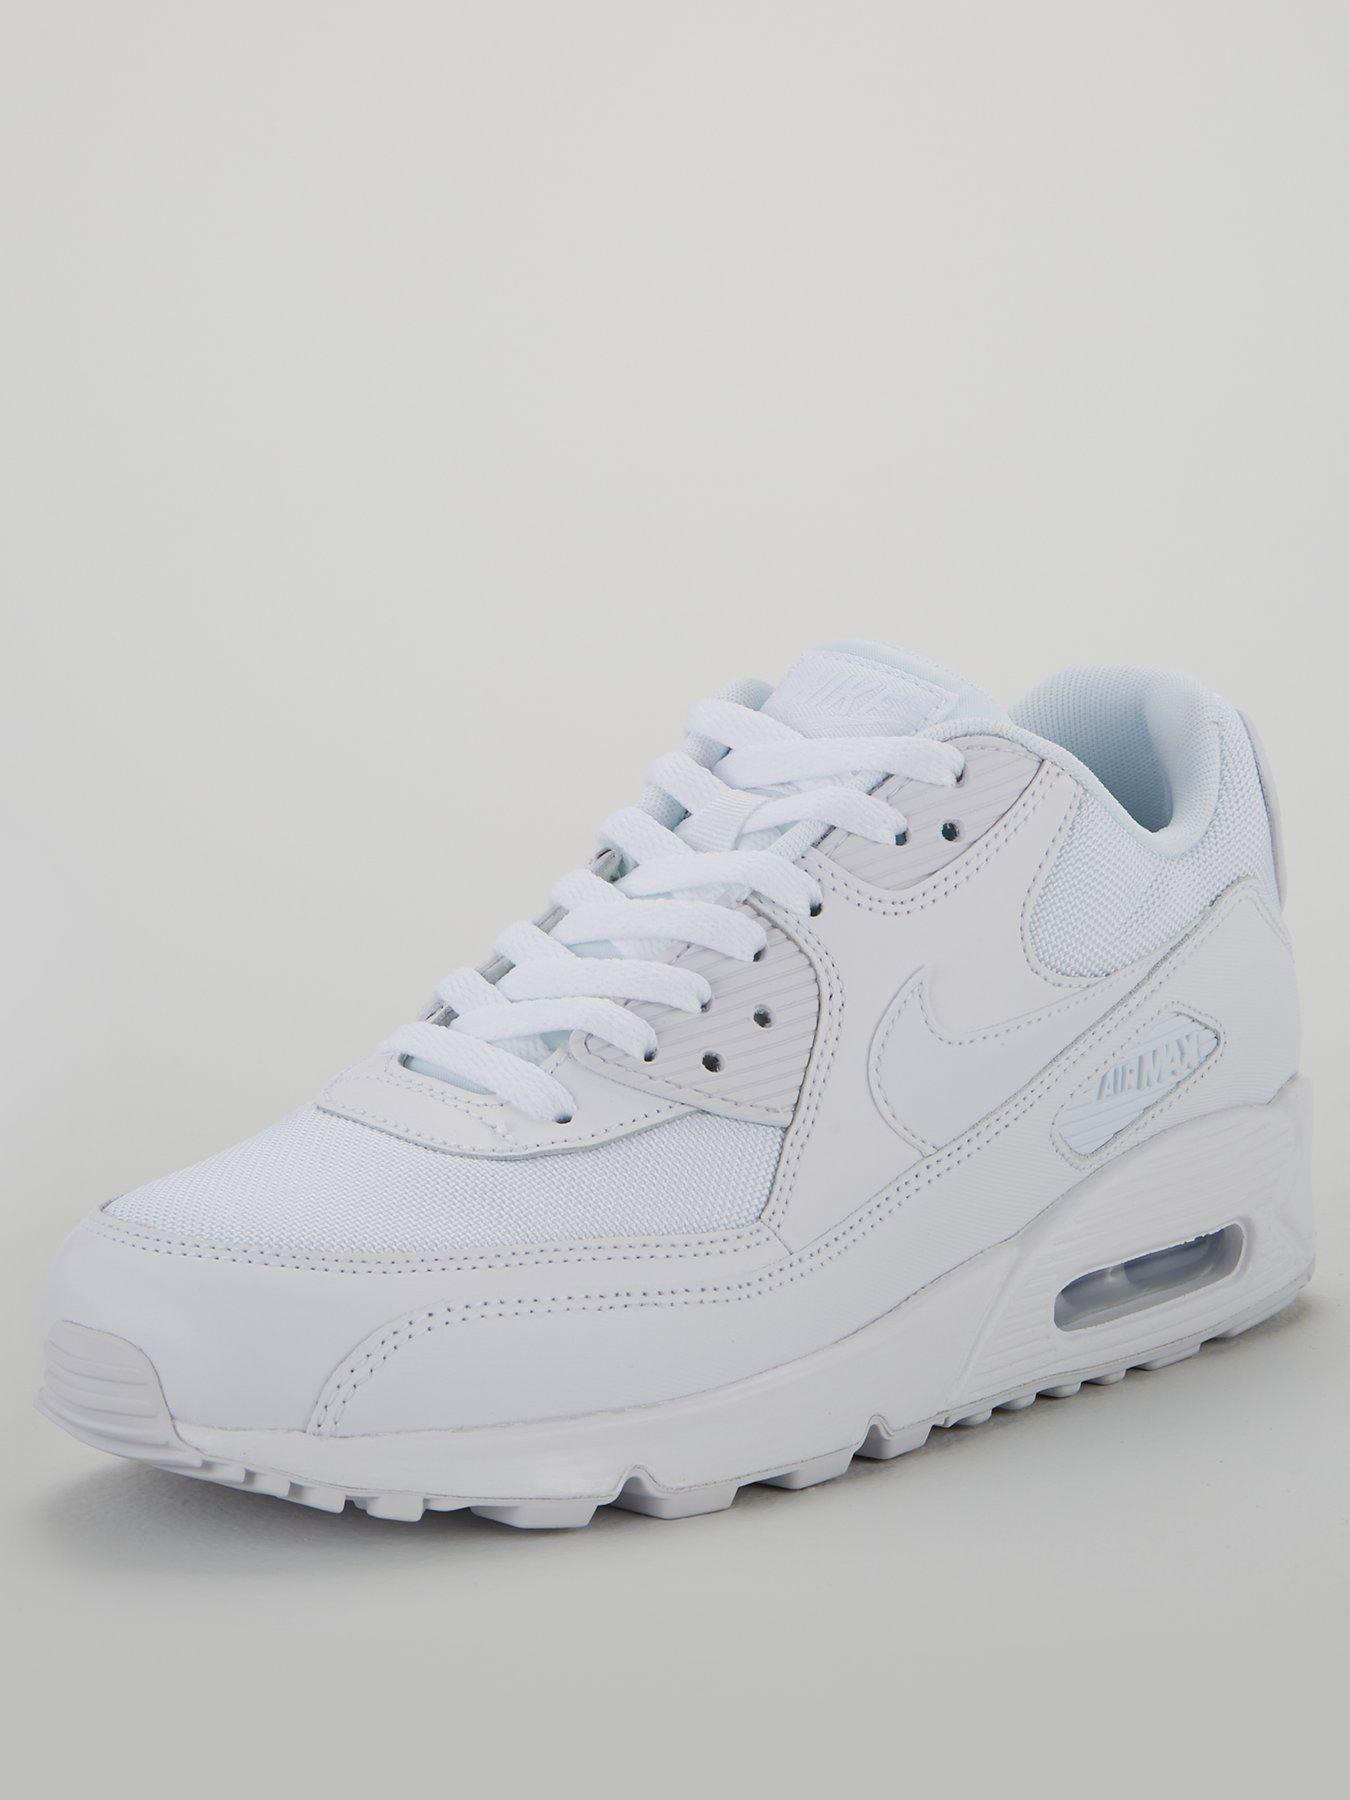 nike 90 white